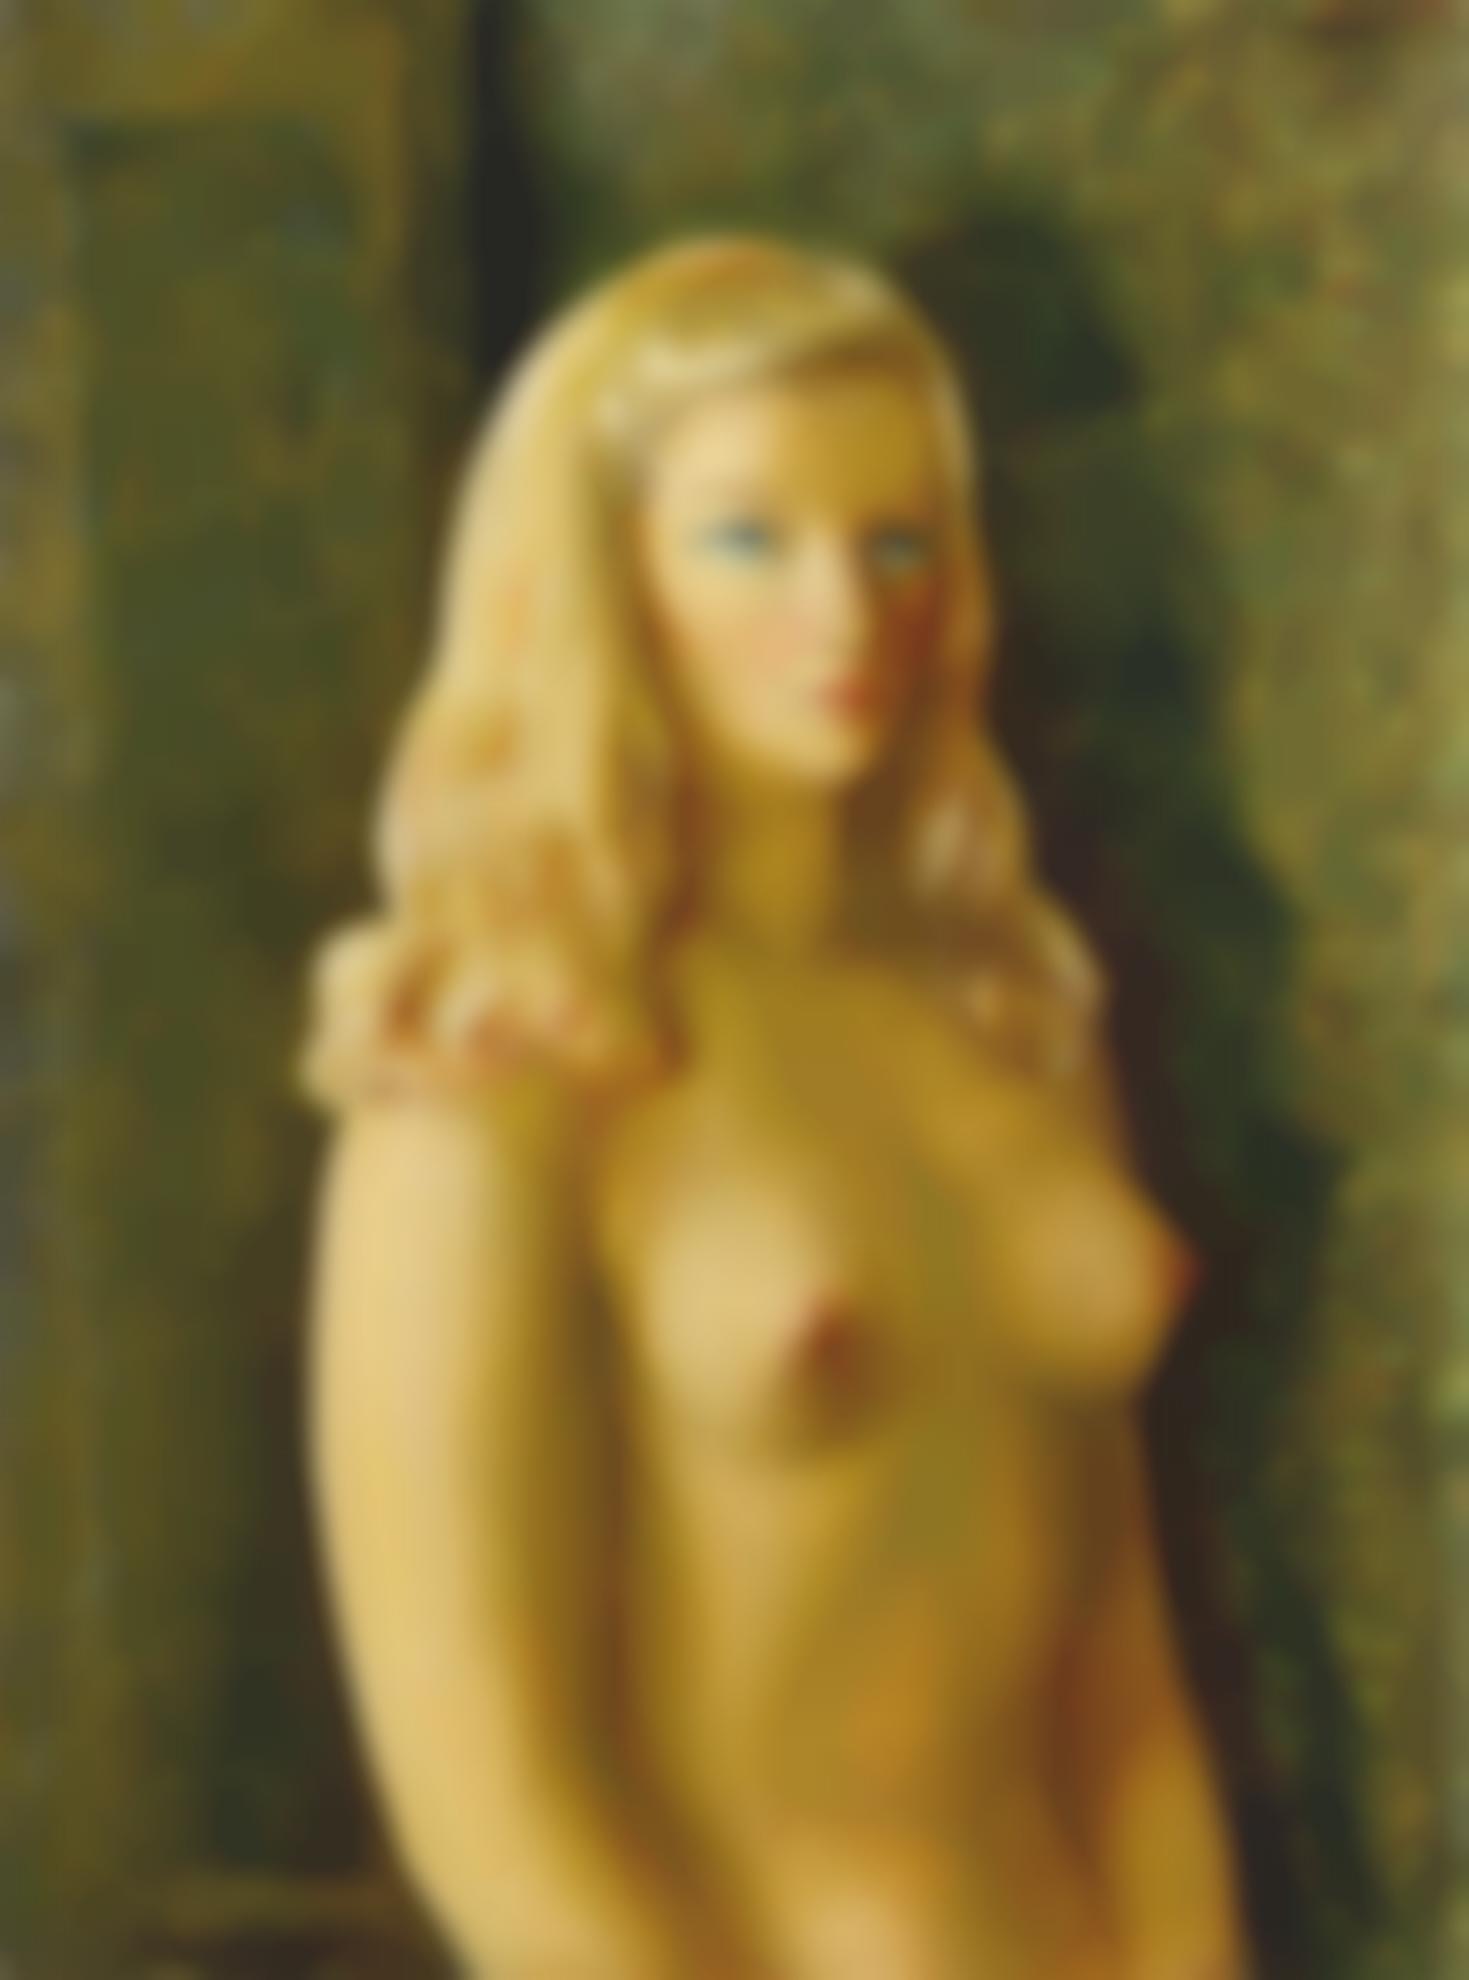 Moise Kisling-Jeune Femme Nue Aux Cheveux Blonds-1942